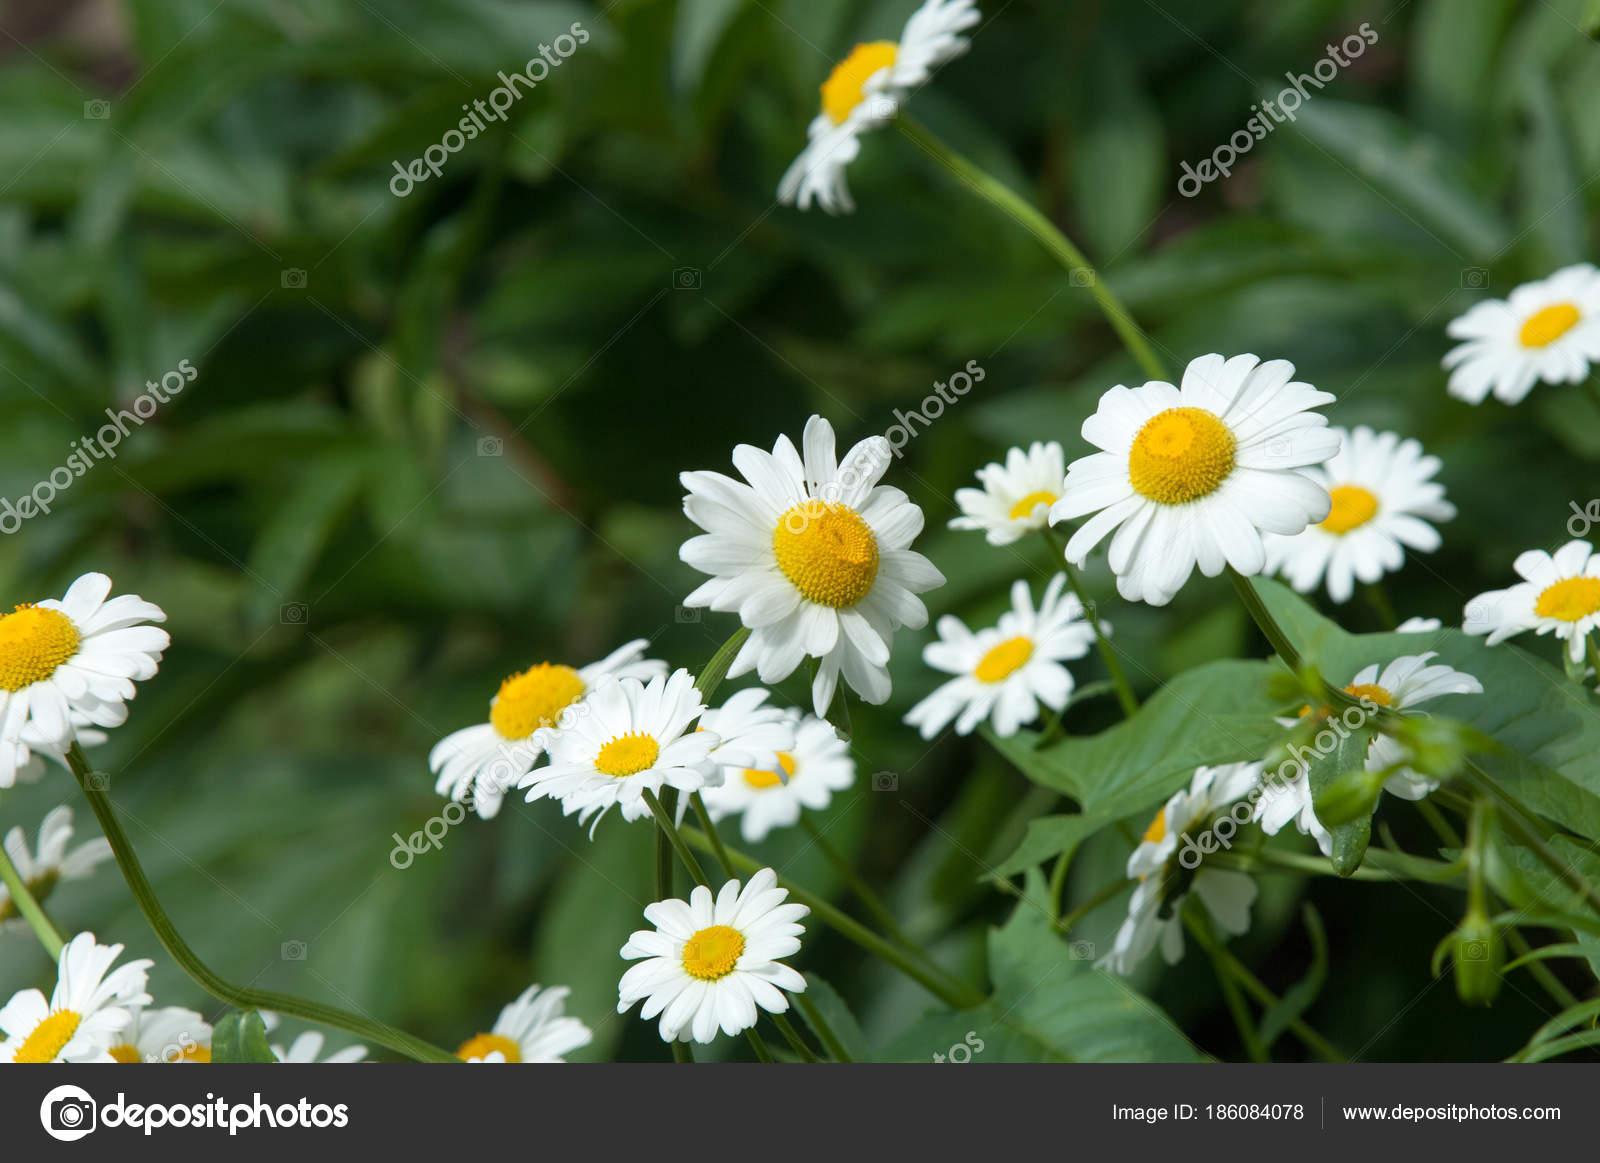 Summer Photos Flowers Daisies Aromatic European Plant Daisy Family